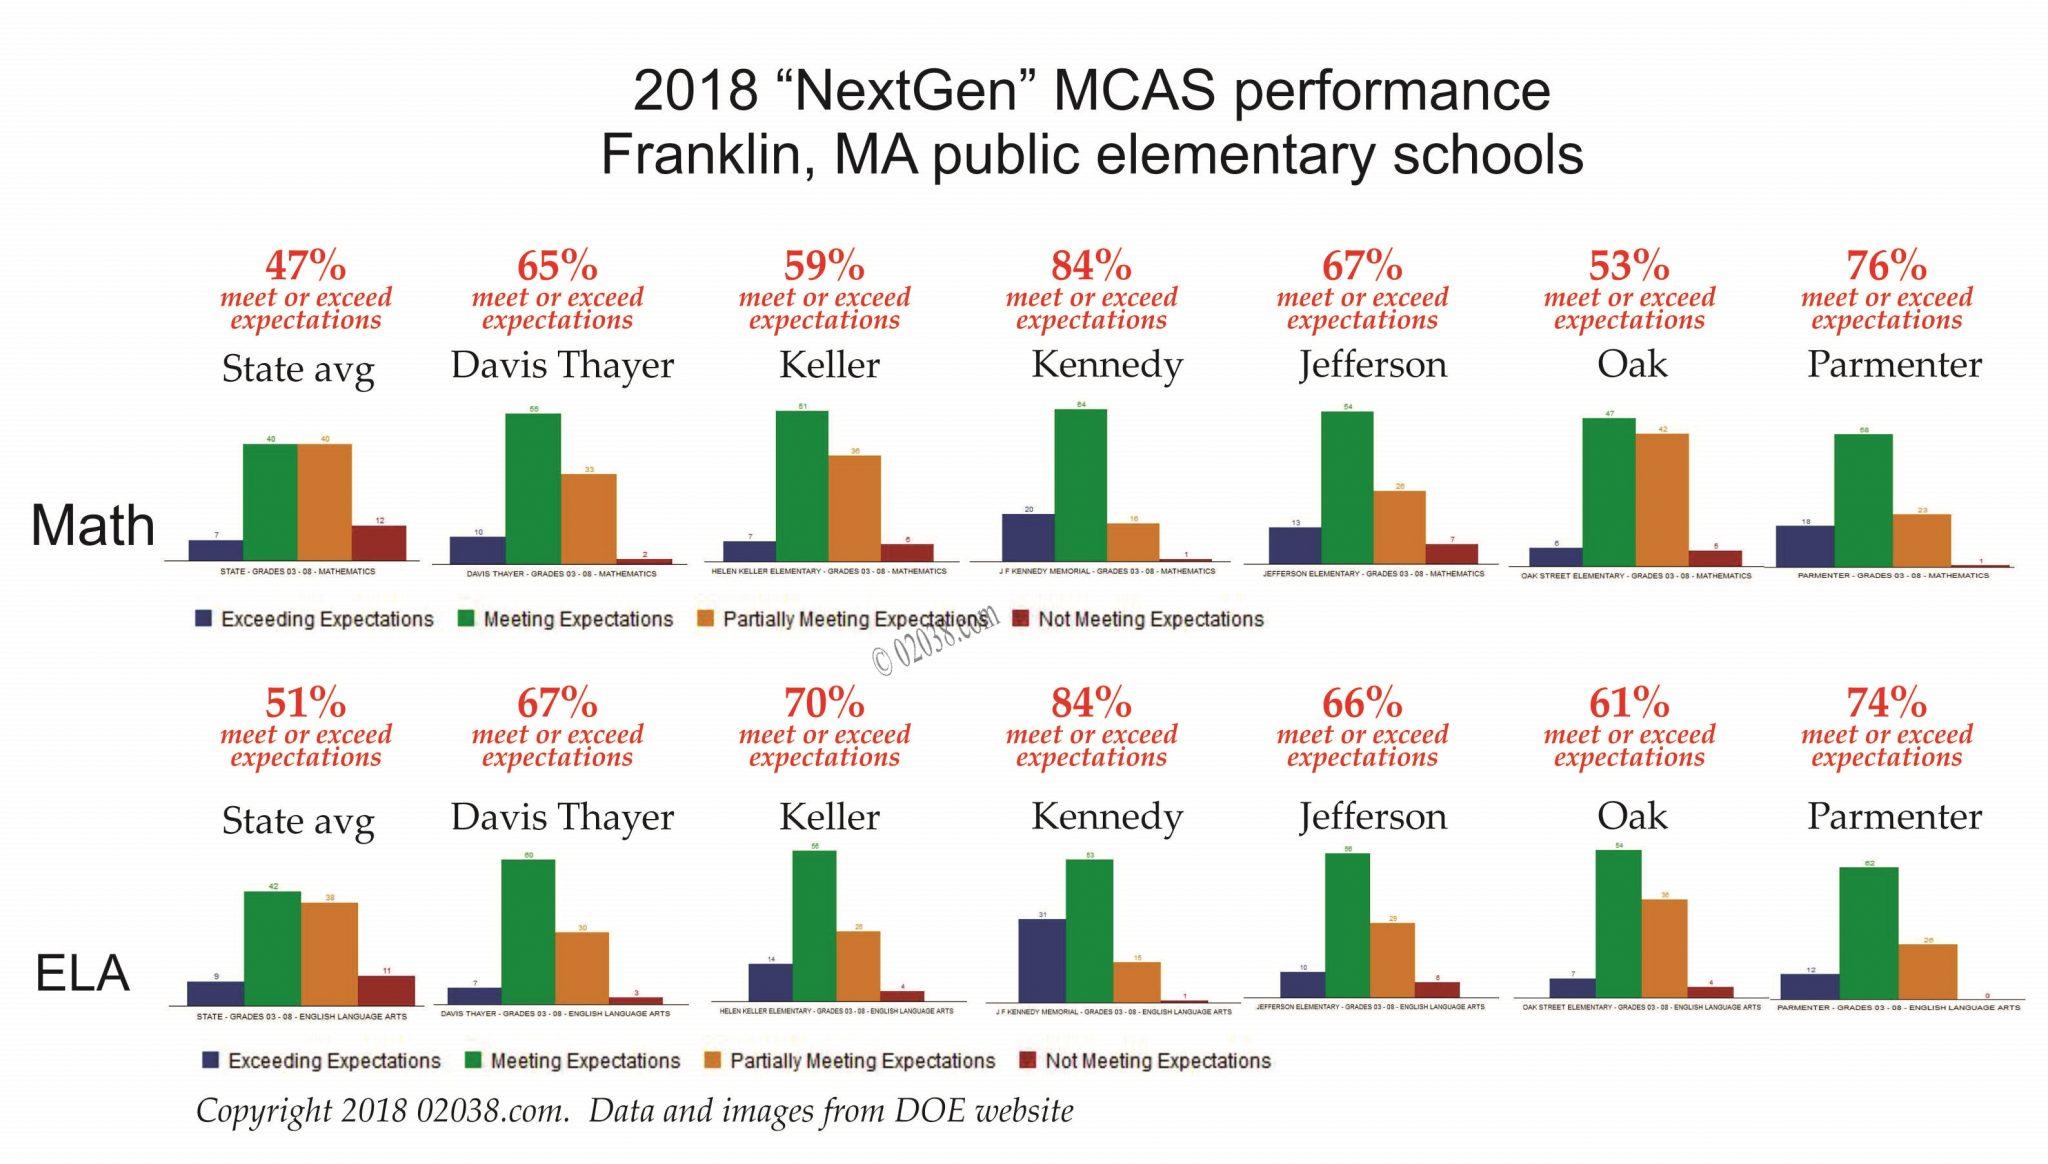 mcas 2018 - Franklin MA schools